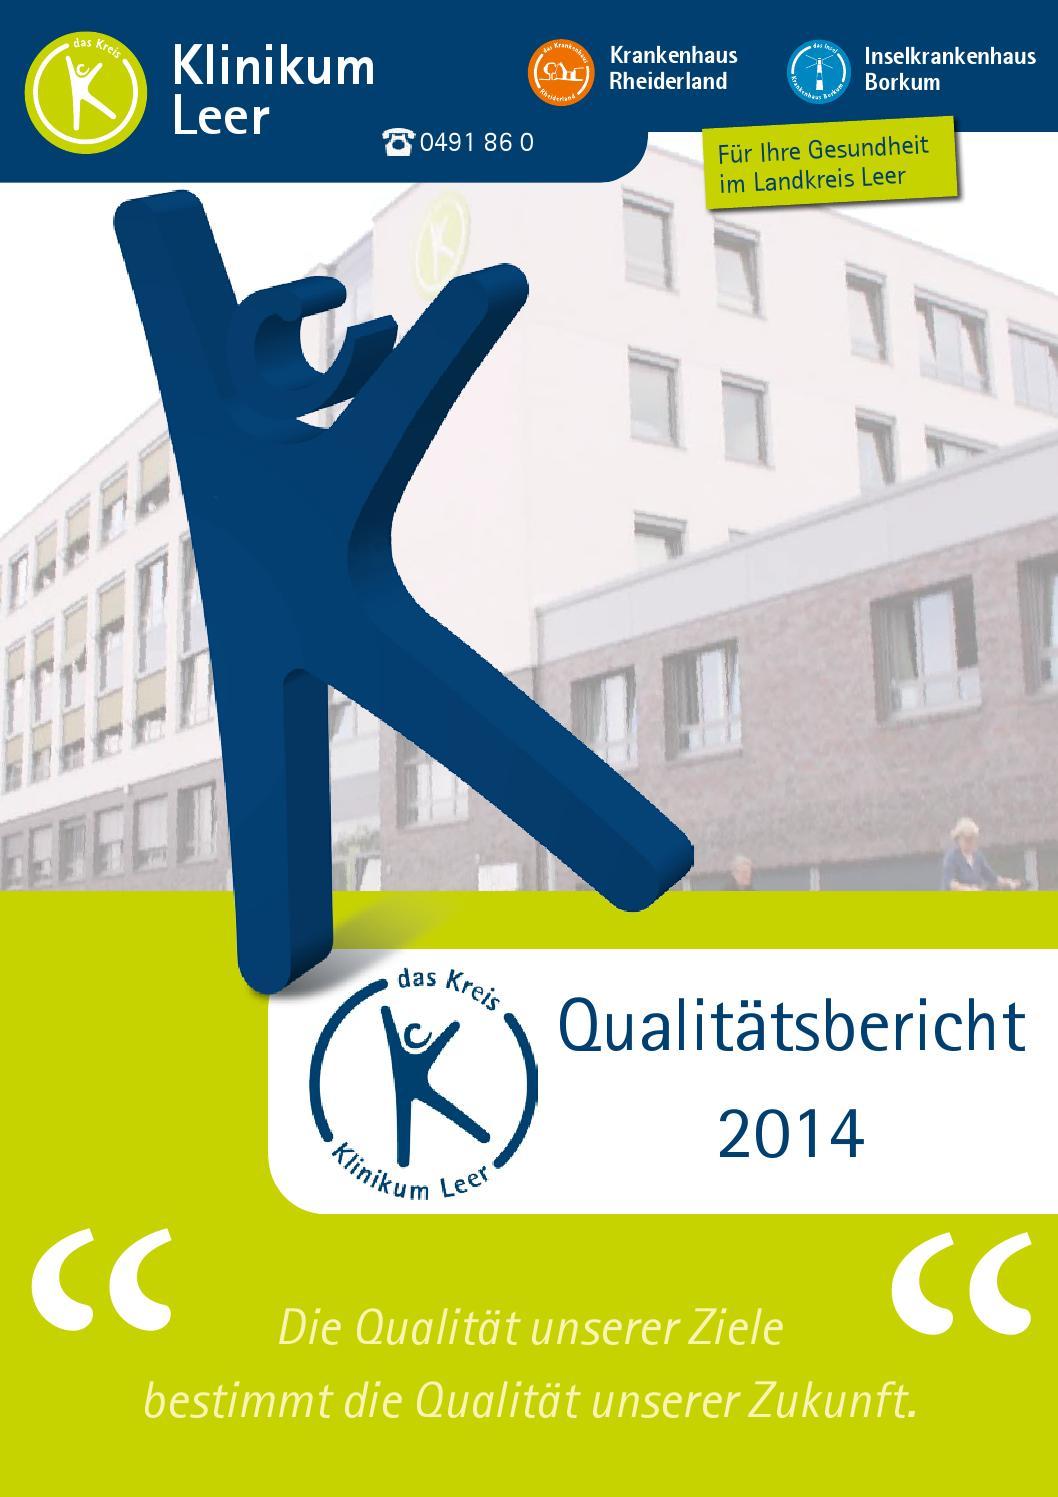 Qualitätsbericht Klinikum Leer 2014 by klinikumleer - issuu